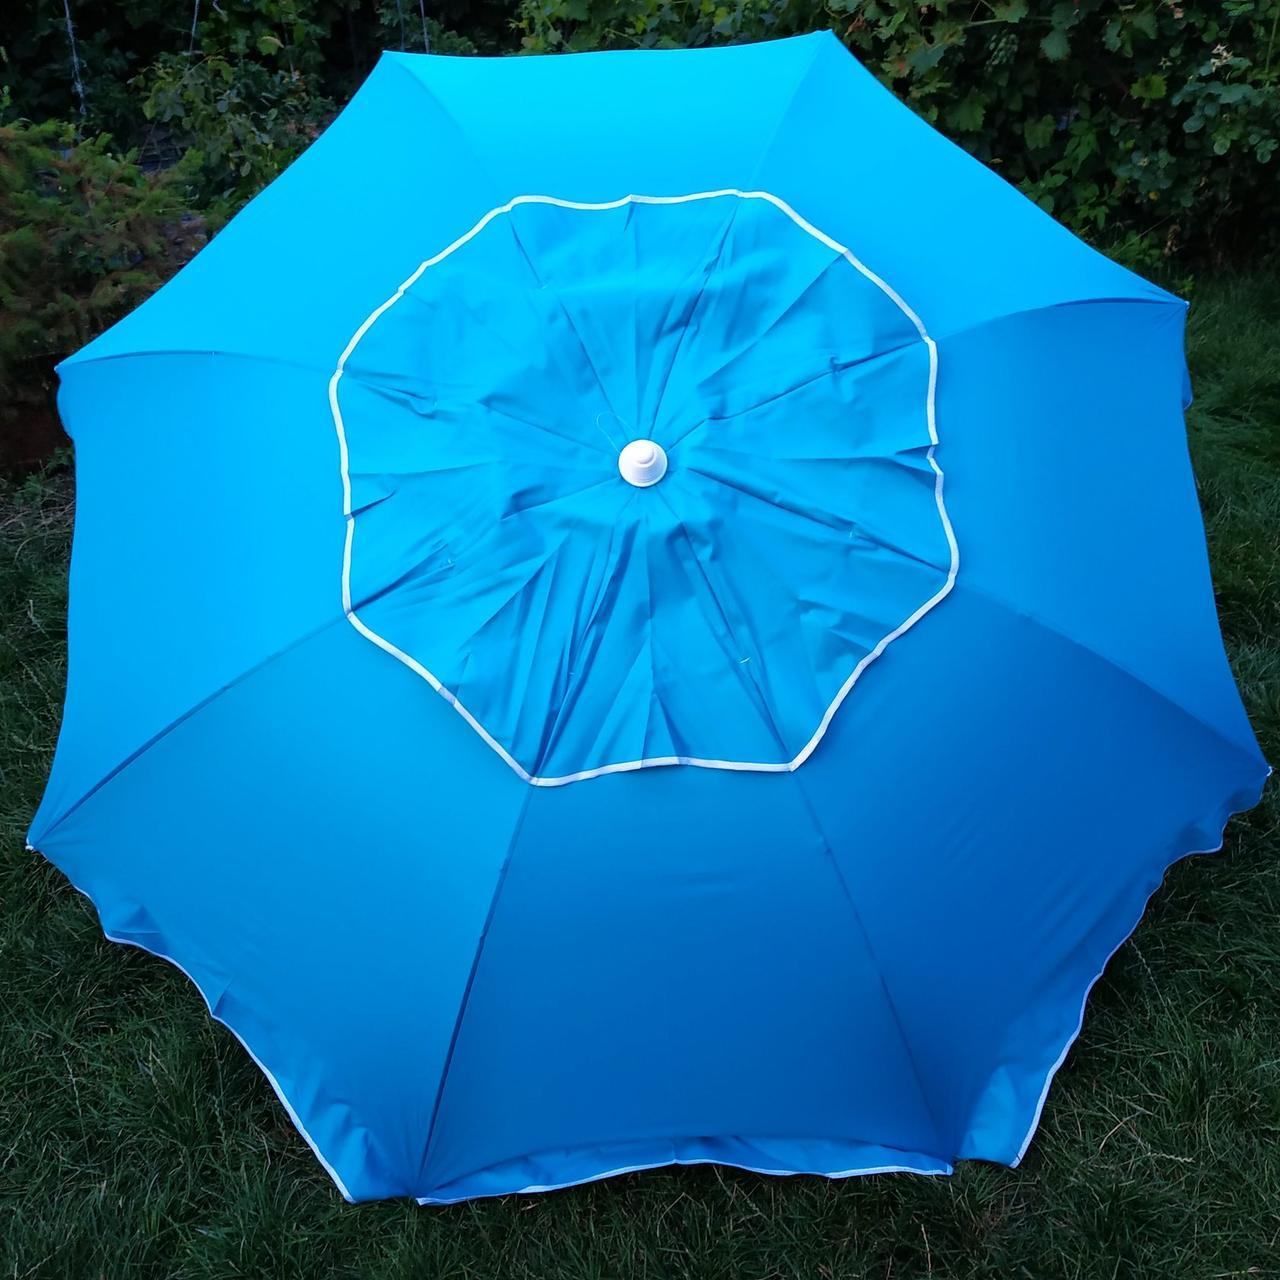 Зонт пляжный Бирюзовый 2,1 метра брезентовая ткань